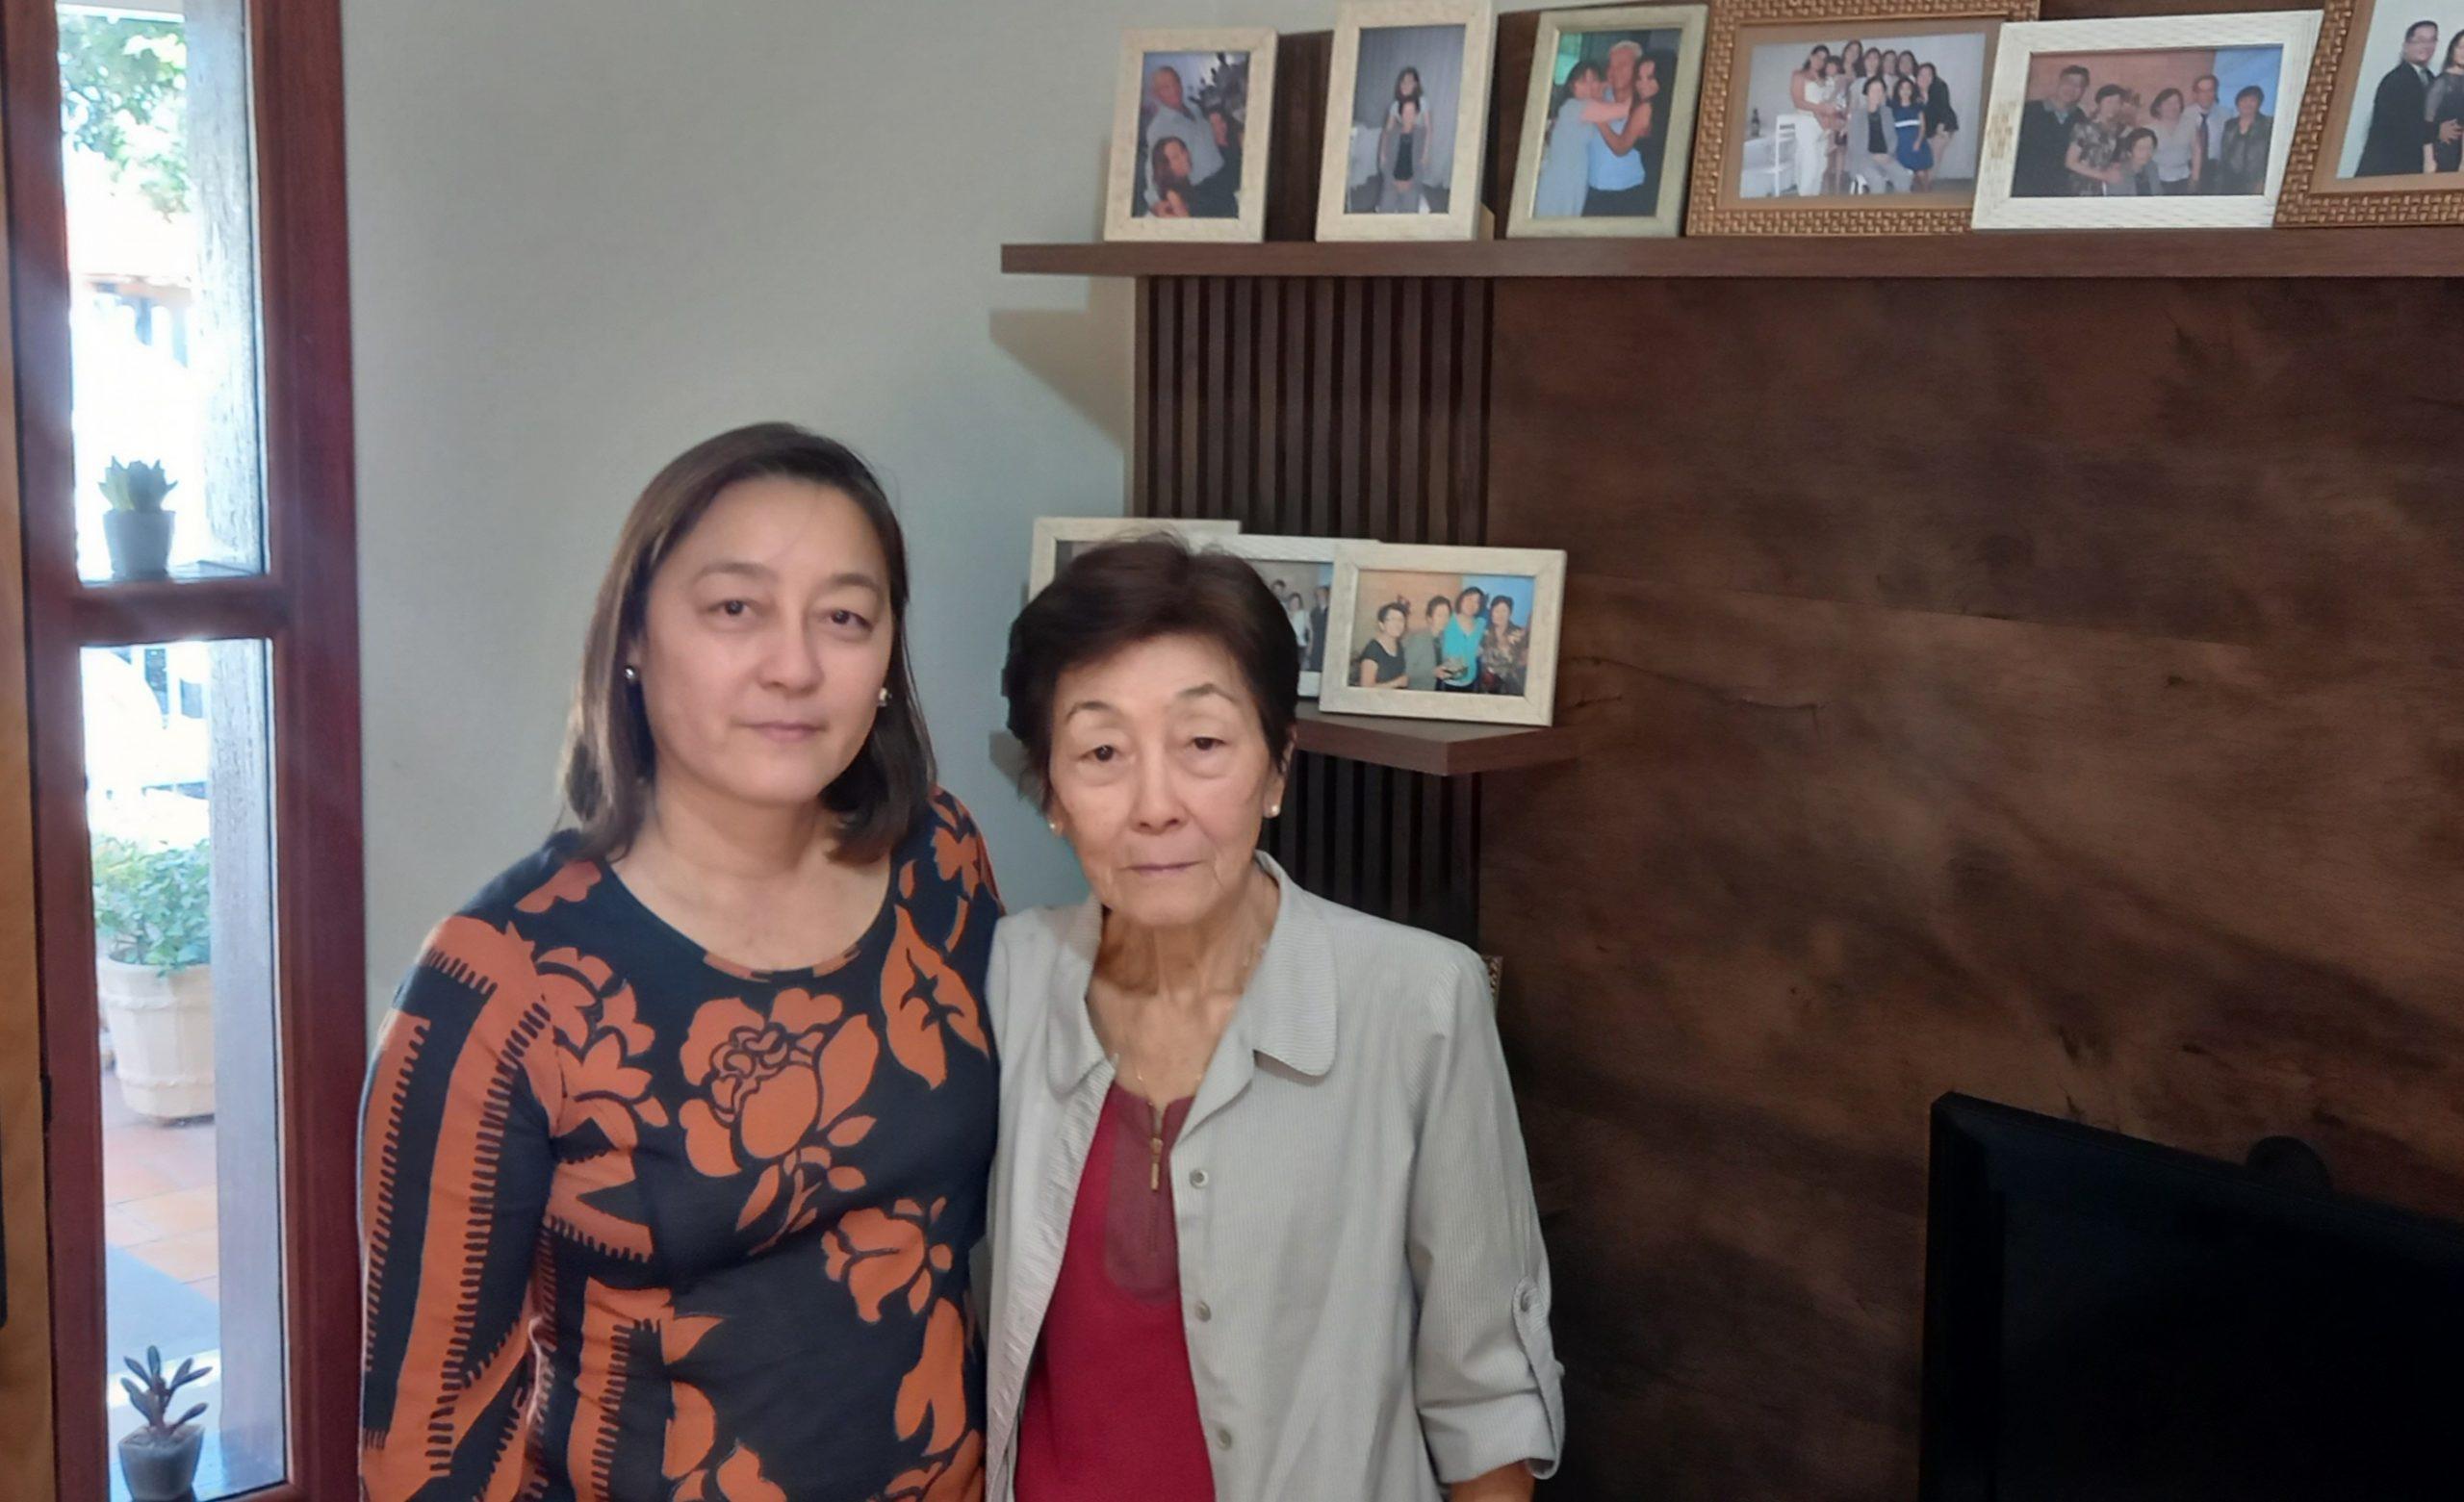 'São 76 anos de tradição da Ótica e Relojoaria Kawasaki em Mirandópolis', lembra Adriana Yokoyama